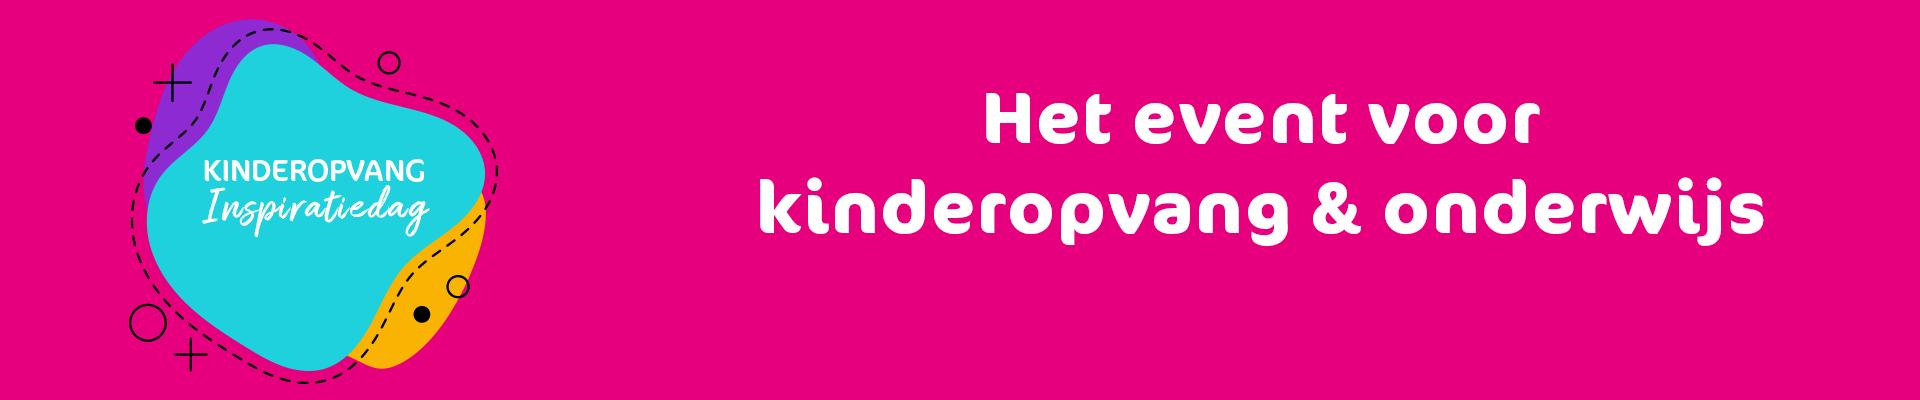 Kinderopvang Inspiratiedag 2019